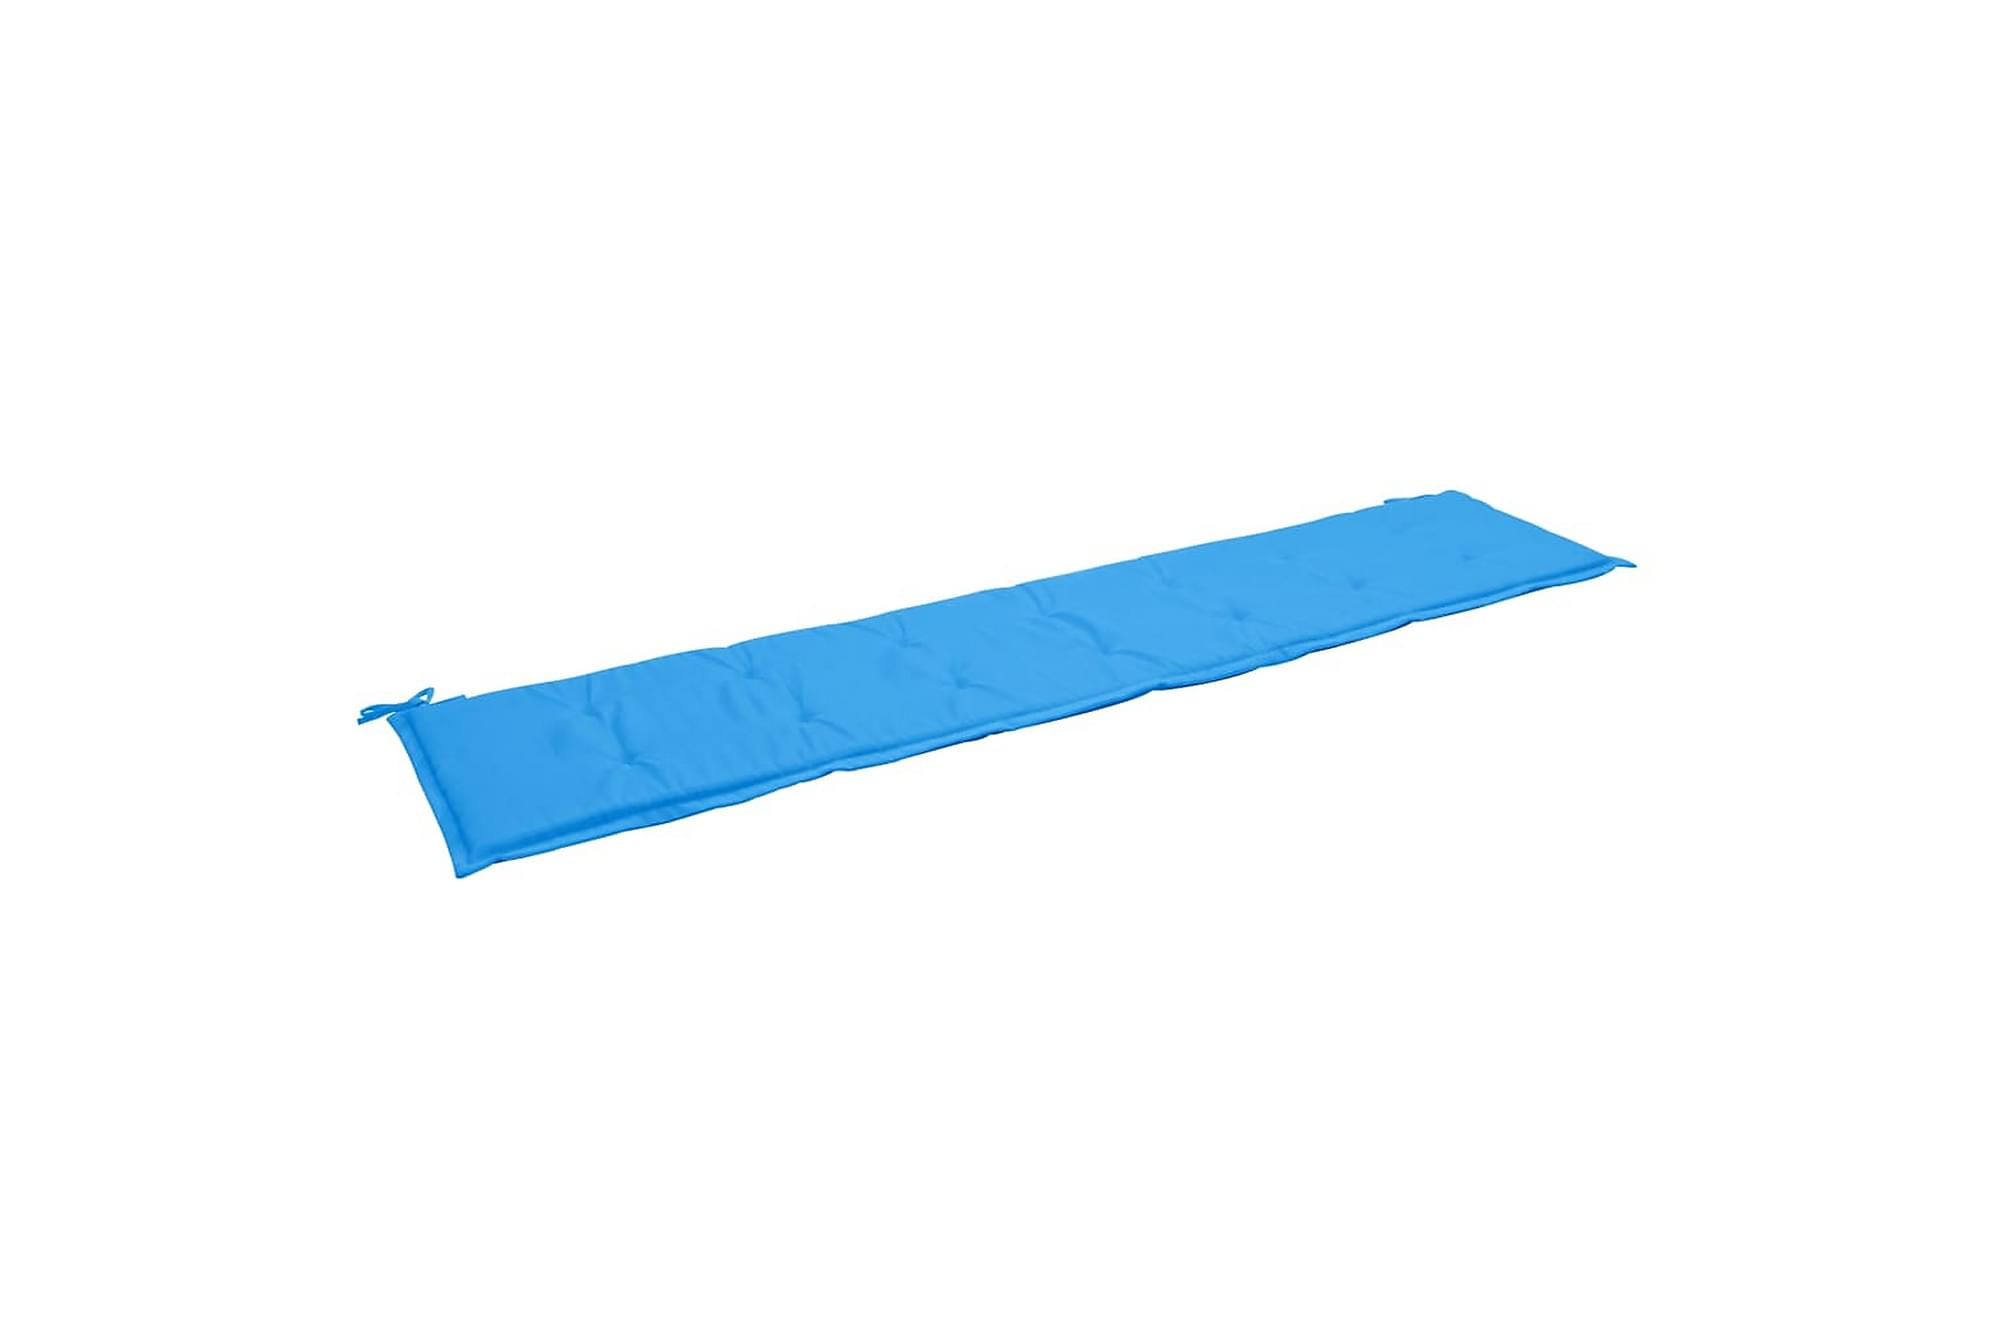 Bänkdyna för trädgården blå 200x50x3 cm, Soffdynor